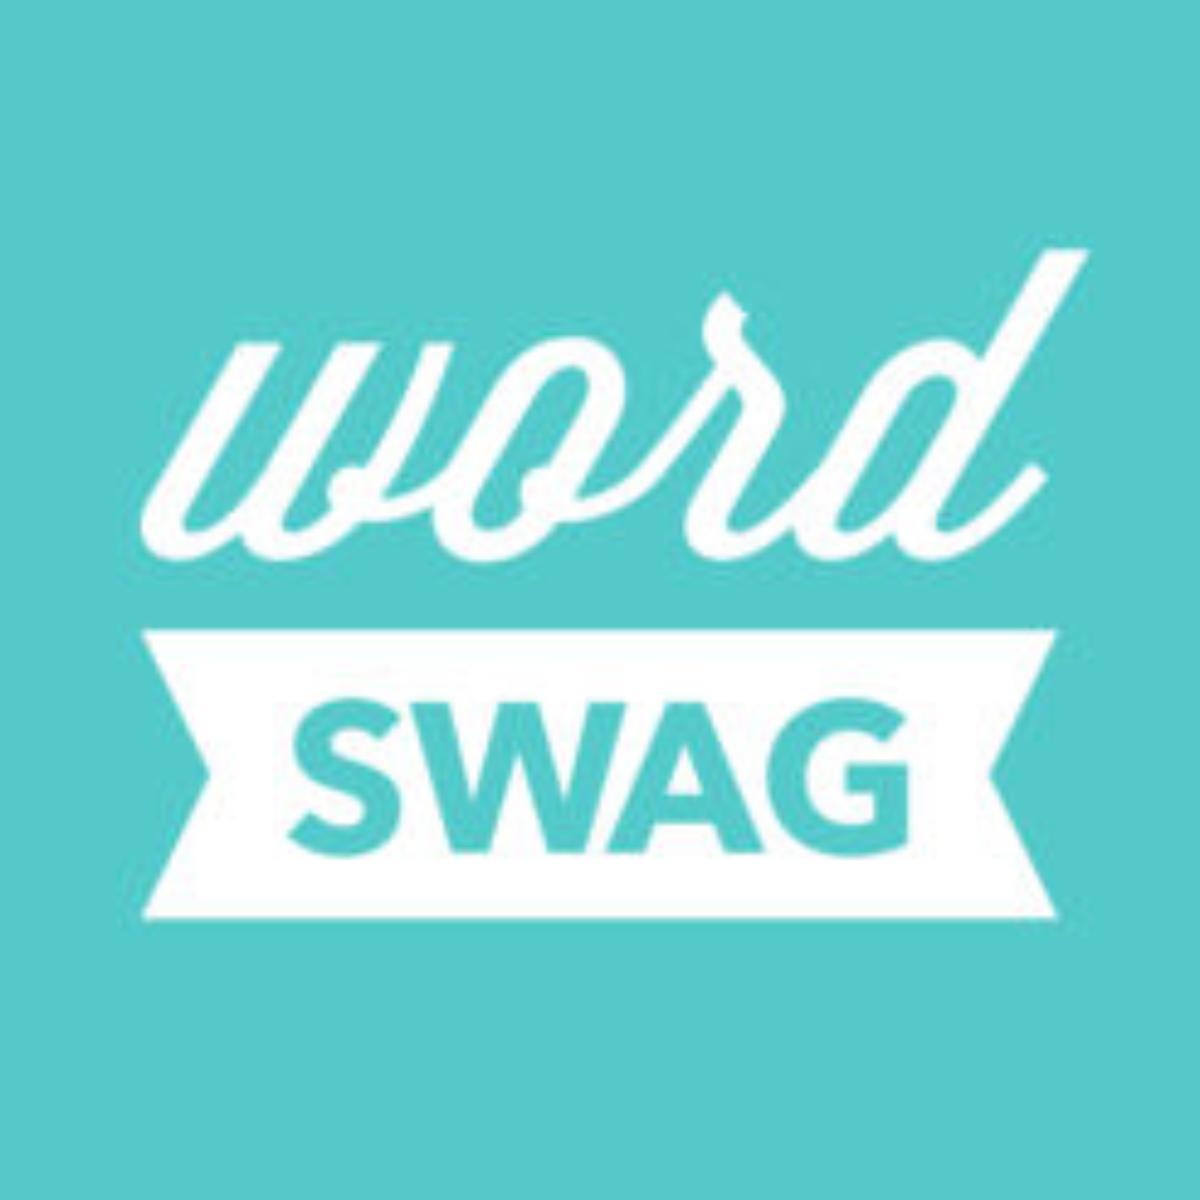 WordSwag-logo.jpg